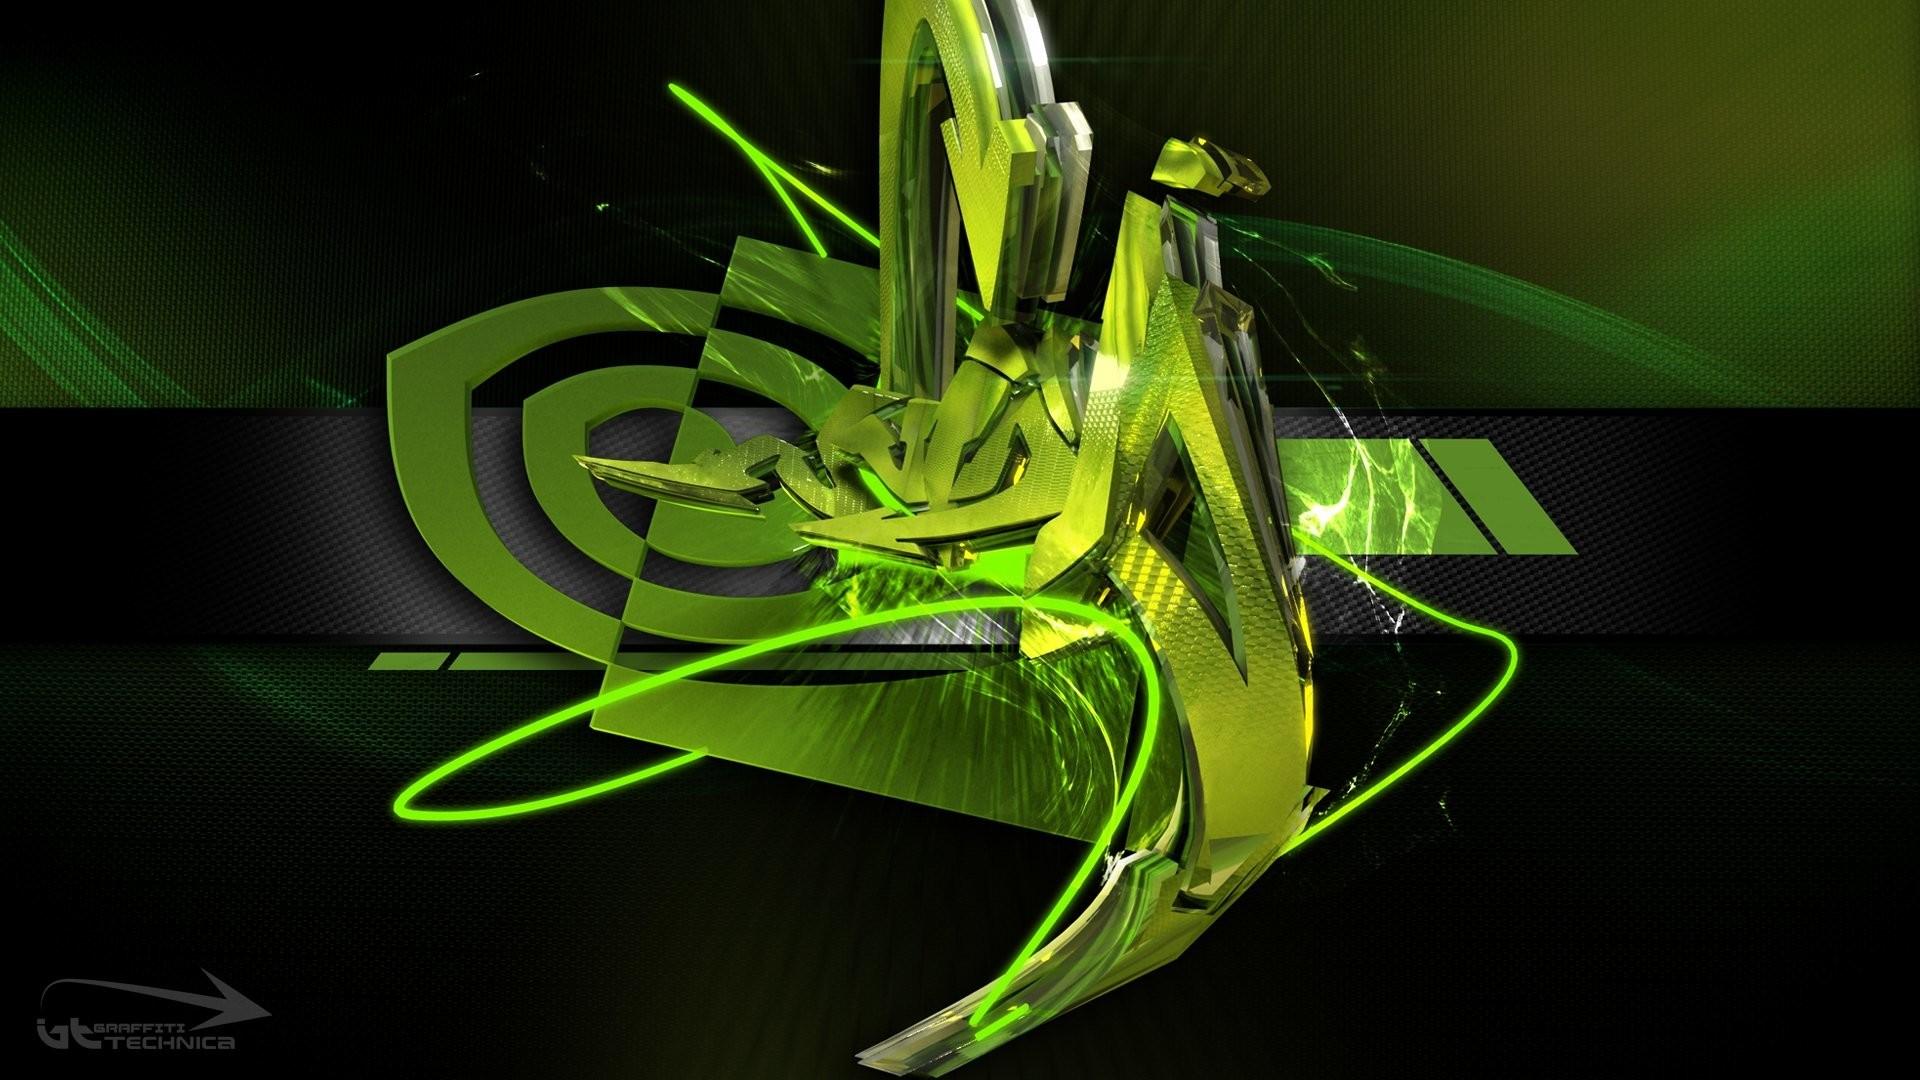 Nvidia Wallpaper 3840x2160 74 images